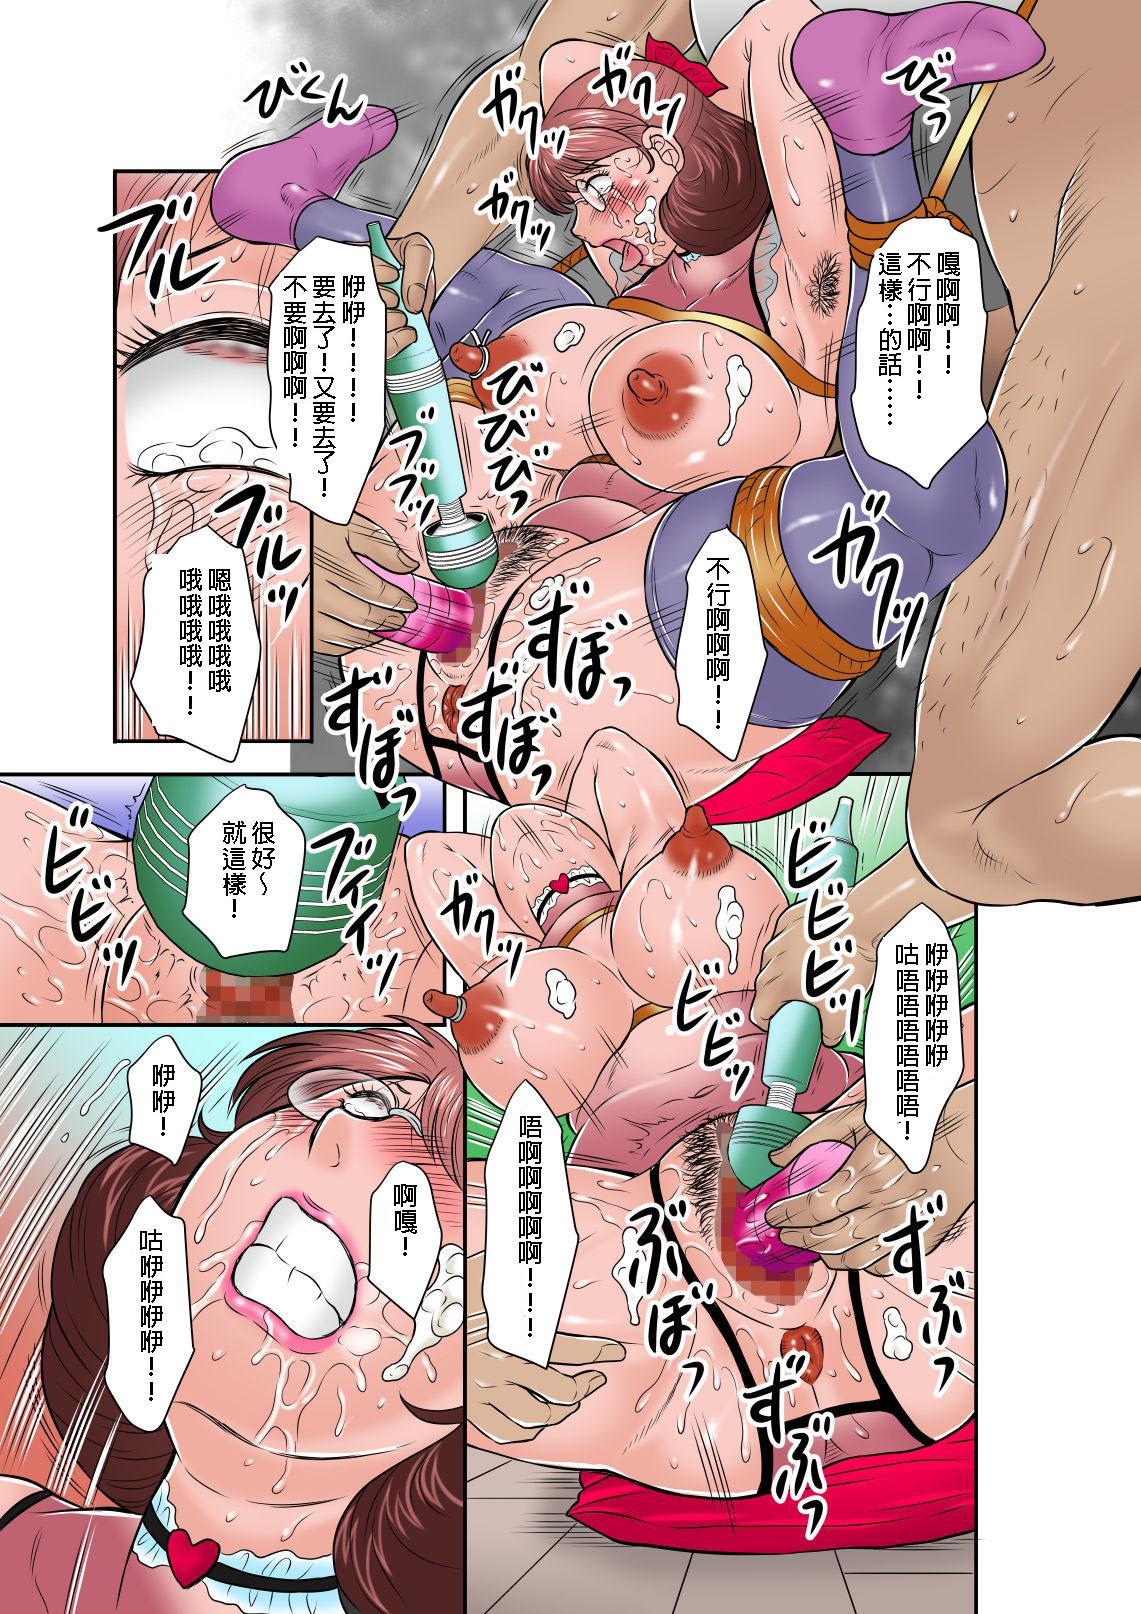 [Fuusen Club] Inka no Shizuku - Nikubenki Sayako 35-sai Sono San   淫花的綻放 [Chinese] [Digital] 22